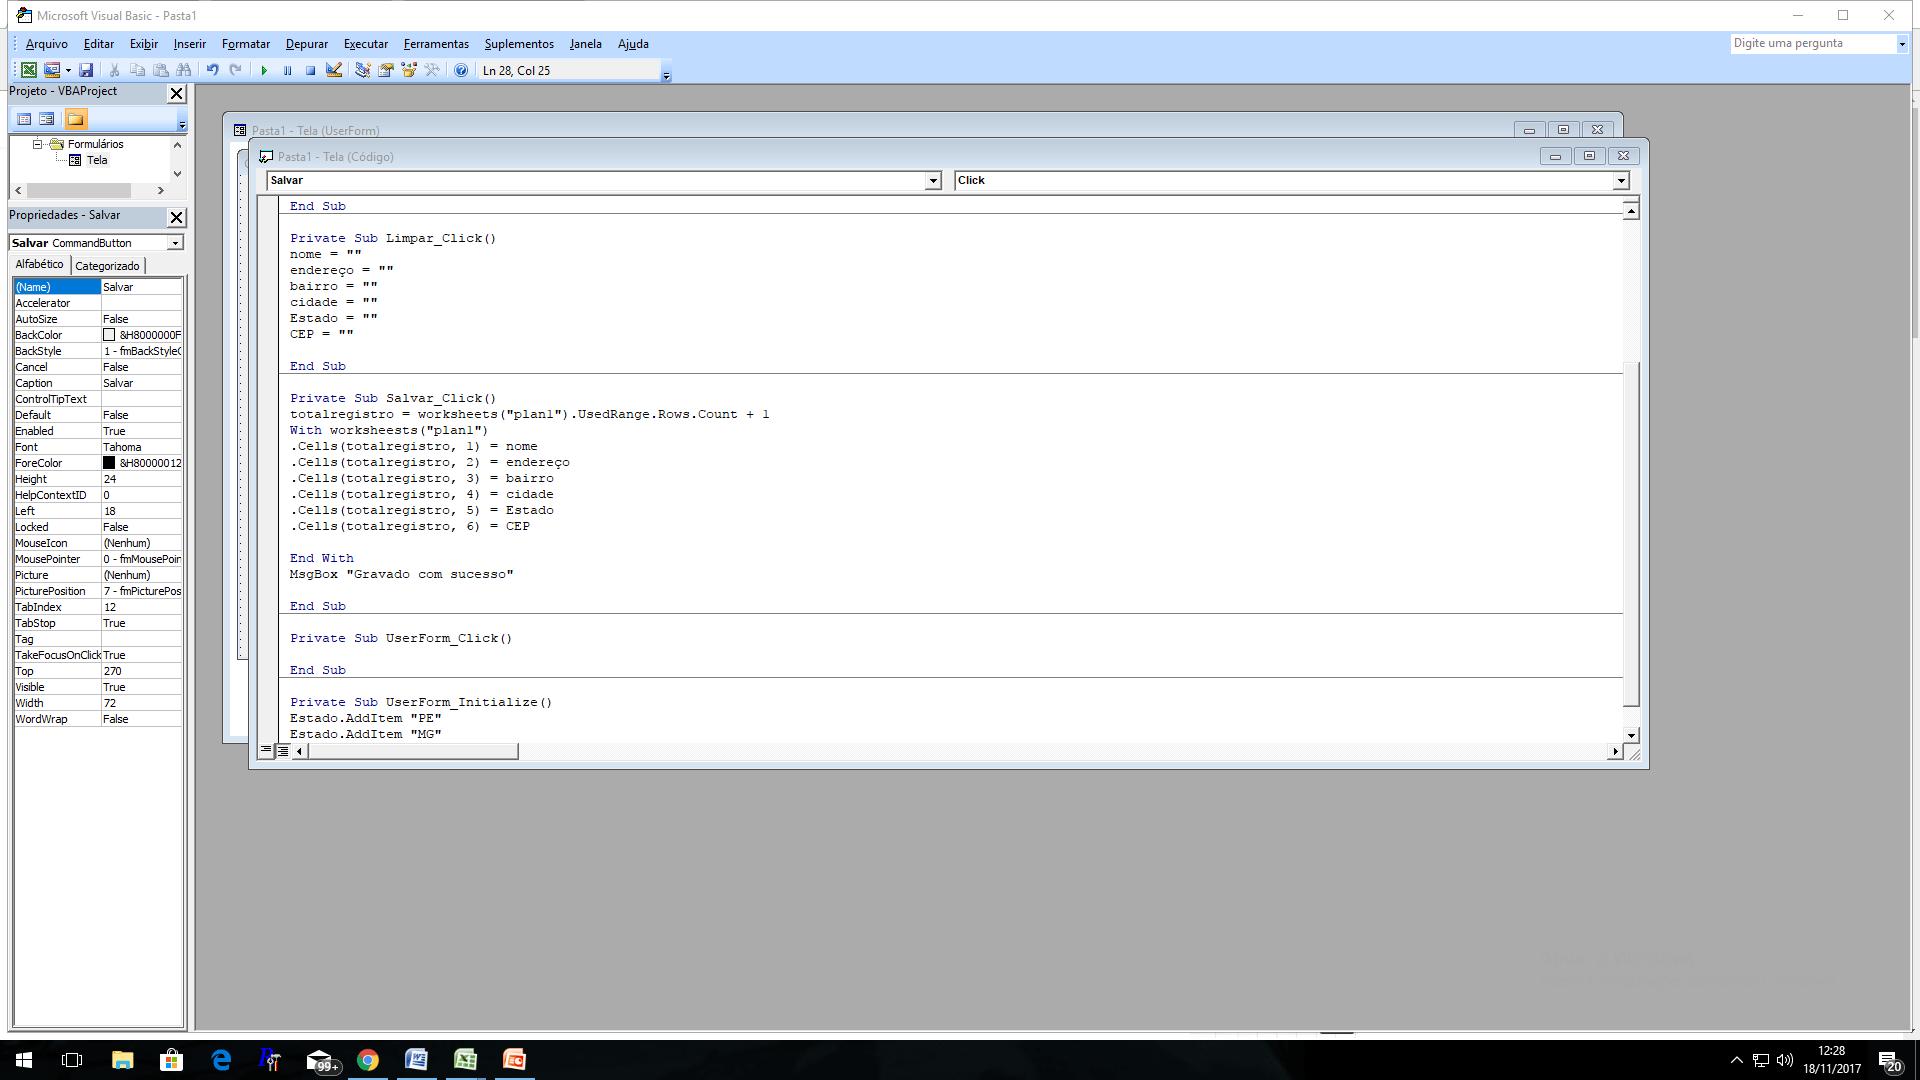 Como Criar Planilha De Cadastro Para Gestao No Excel